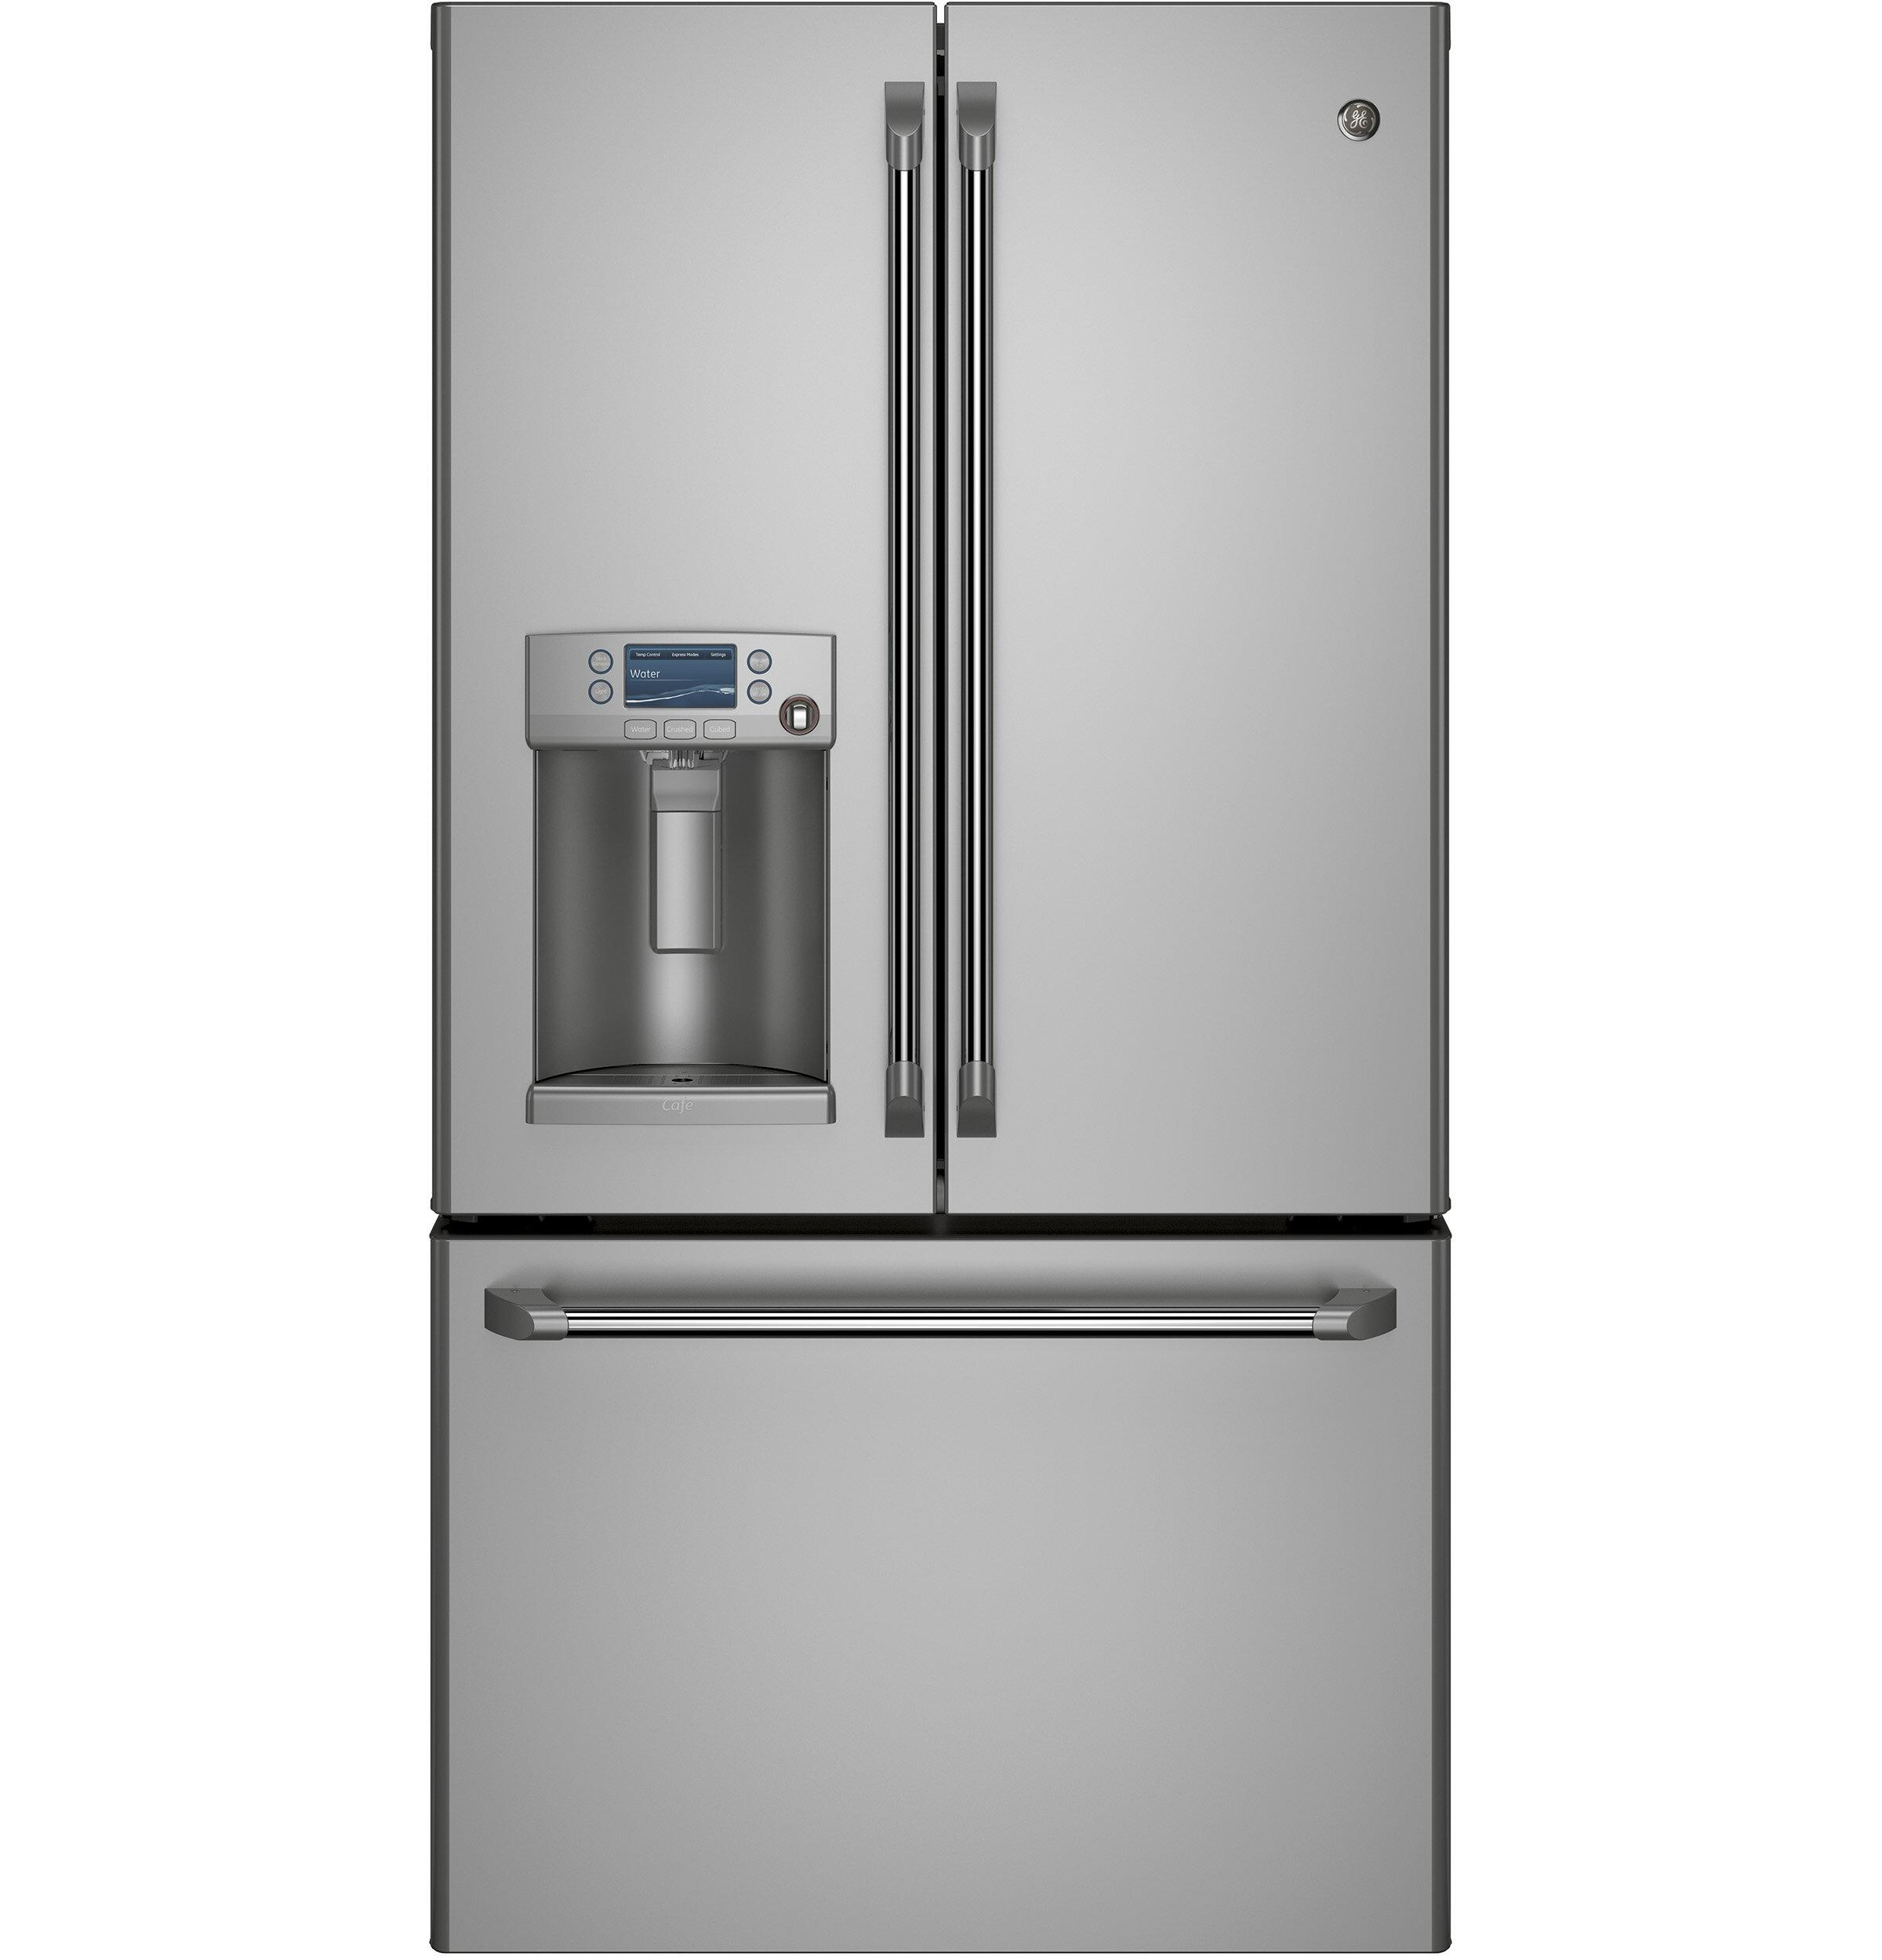 美國GE奇異 CYE22TSSS 薄型法式三門冰箱(700L)【零利率】 ※熱線07-7428010